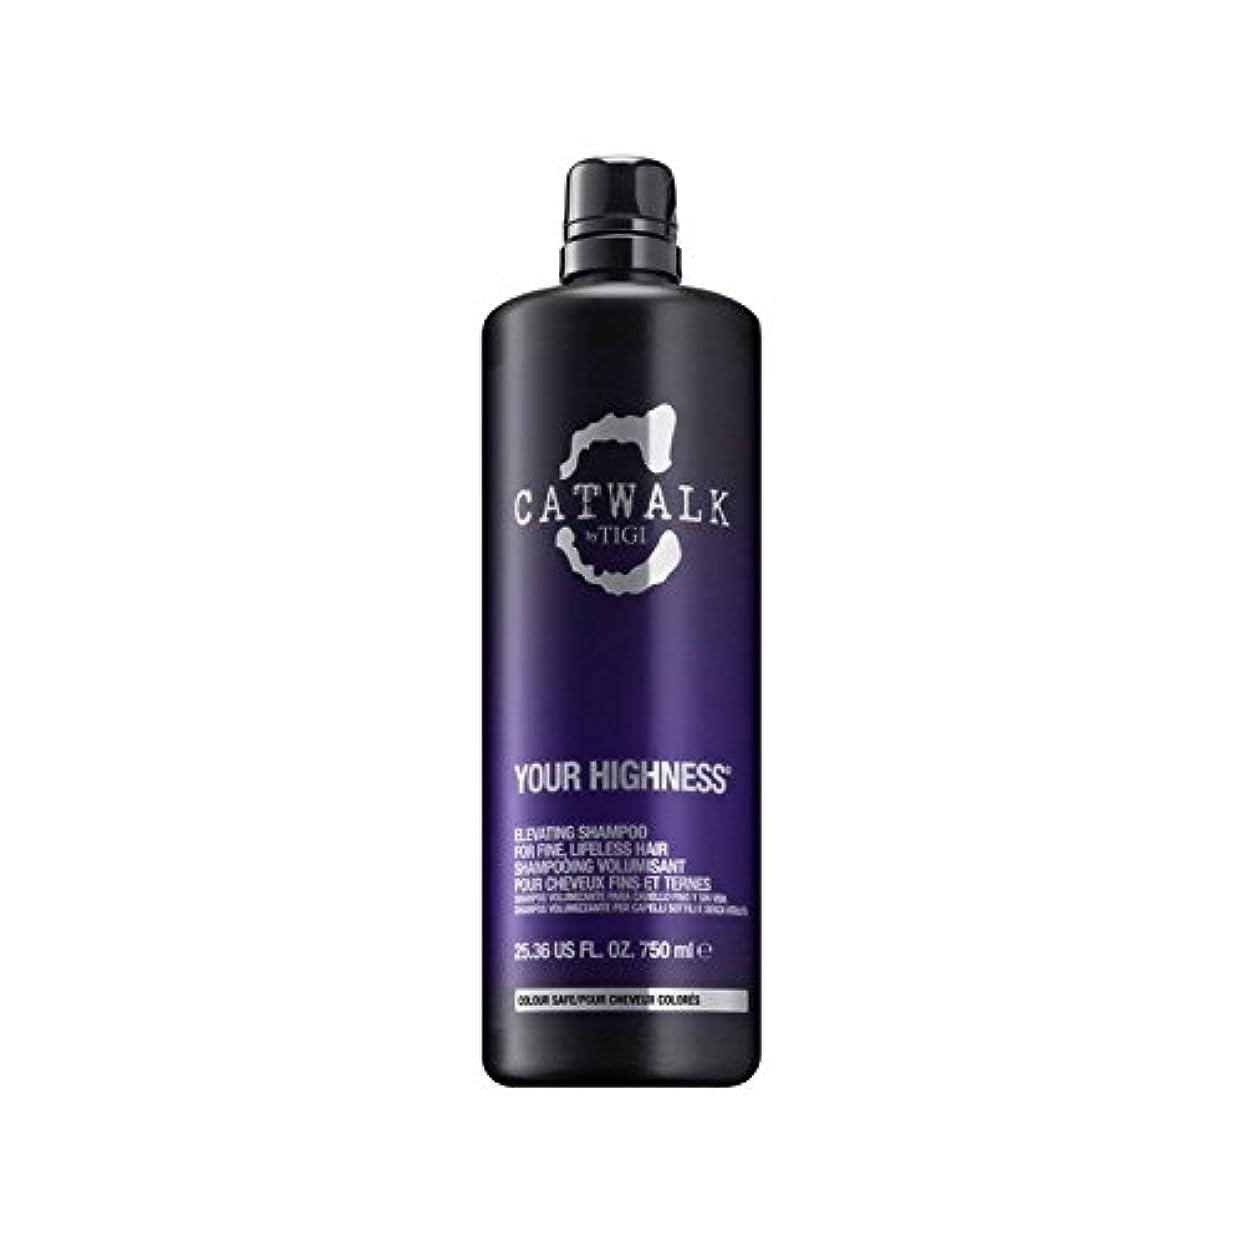 シーサイドシェア退化するTigi Catwalk Your Highness Elevating Shampoo (750ml) (Pack of 6) - シャンプーを昇降ティジーキャットウォーク殿下(750ミリリットル) x6 [並行輸入品]